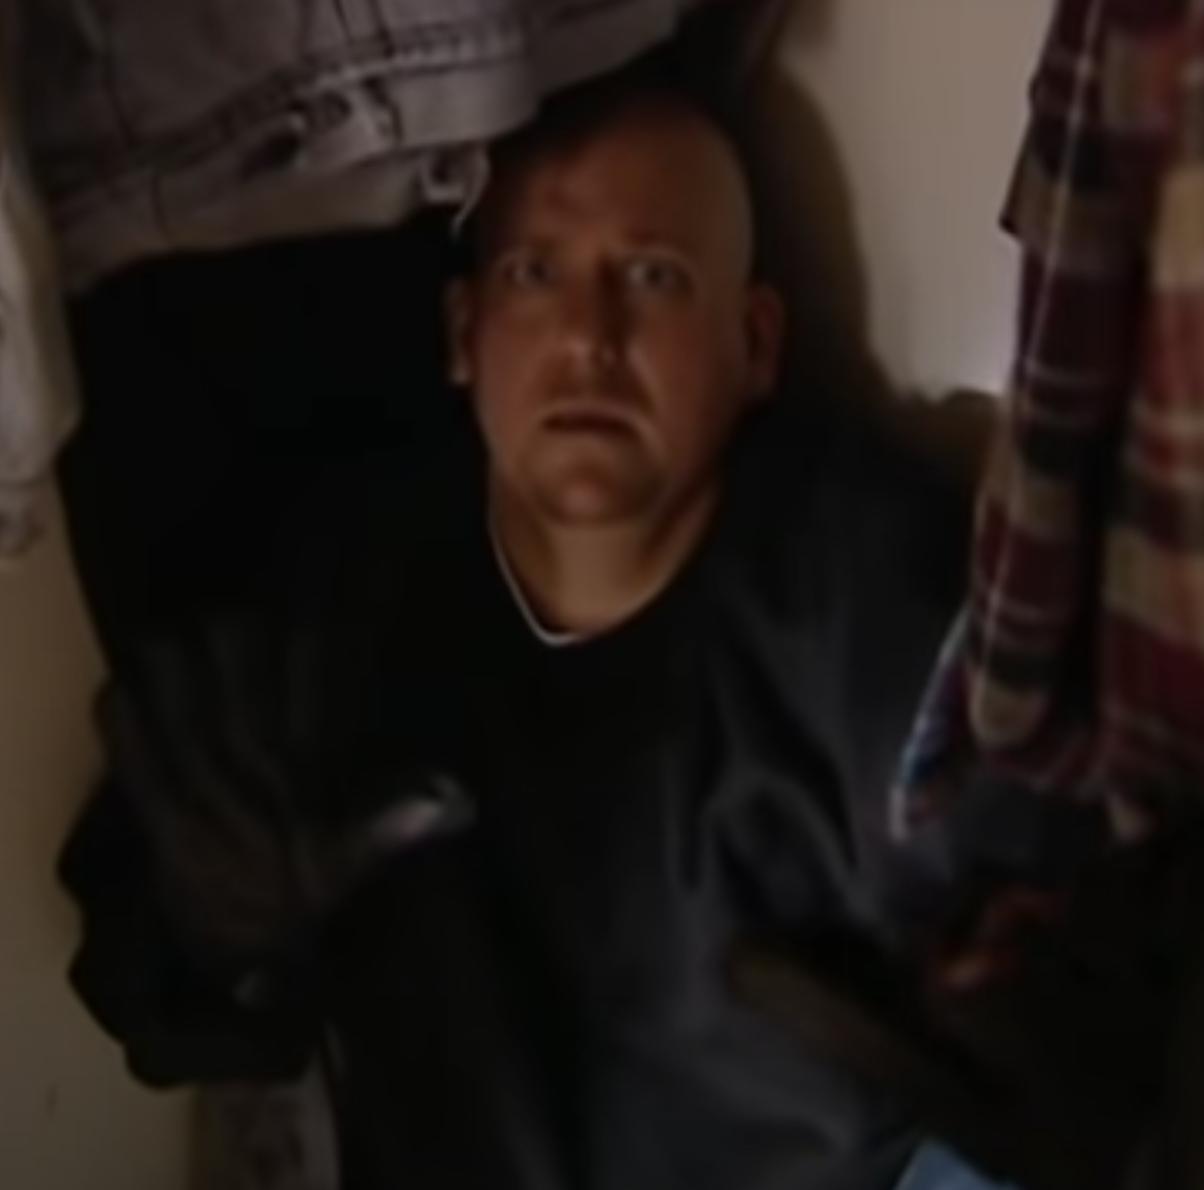 Choking Doberman Burglar